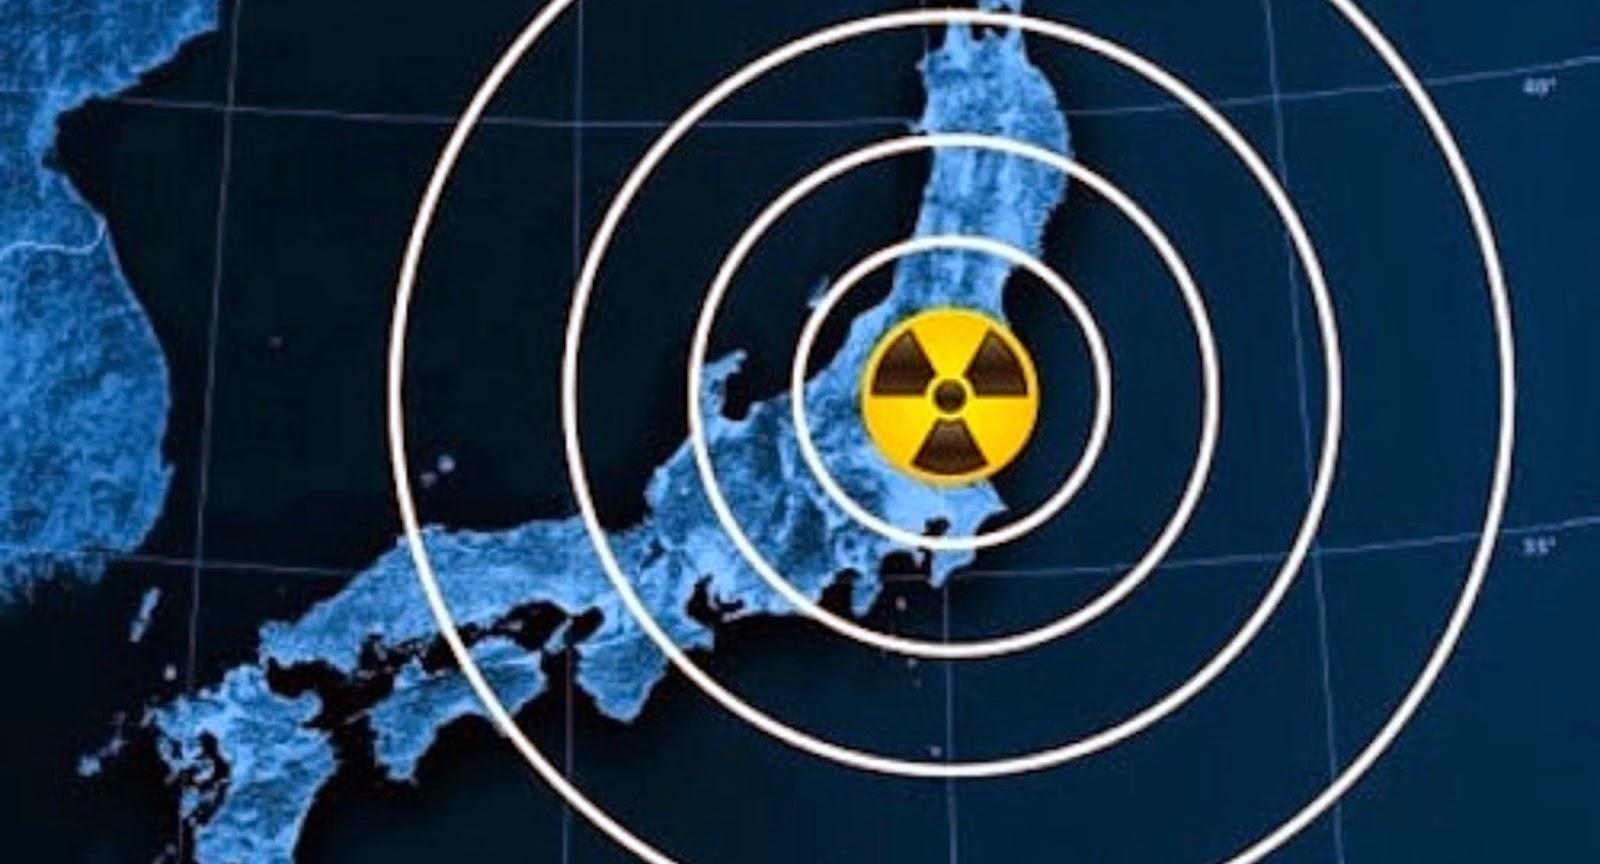 Seguint la Radioactivitat de Fukushima